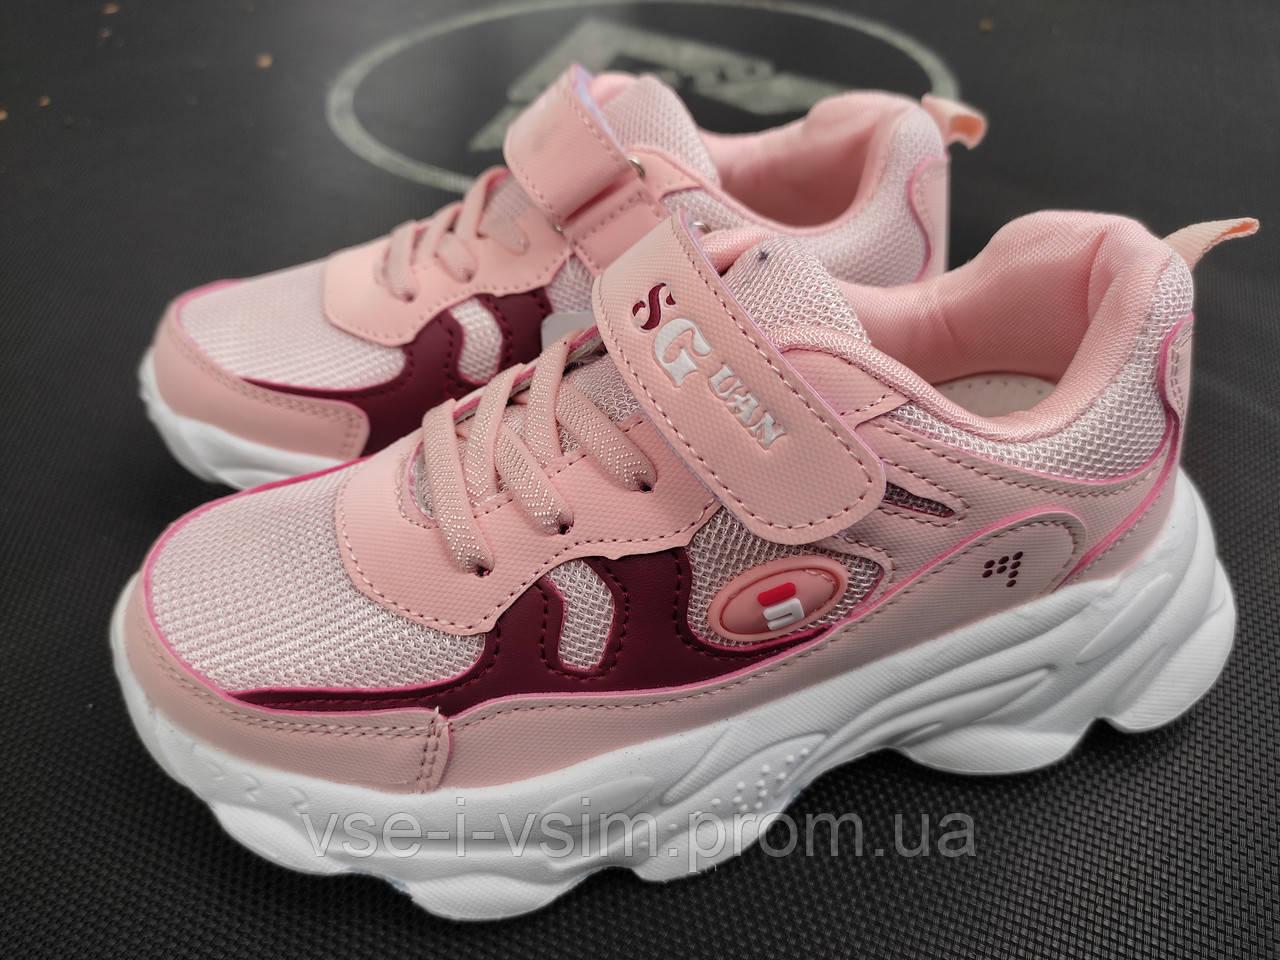 Кросівки для дівчинки 36 р стелька 22.5 см